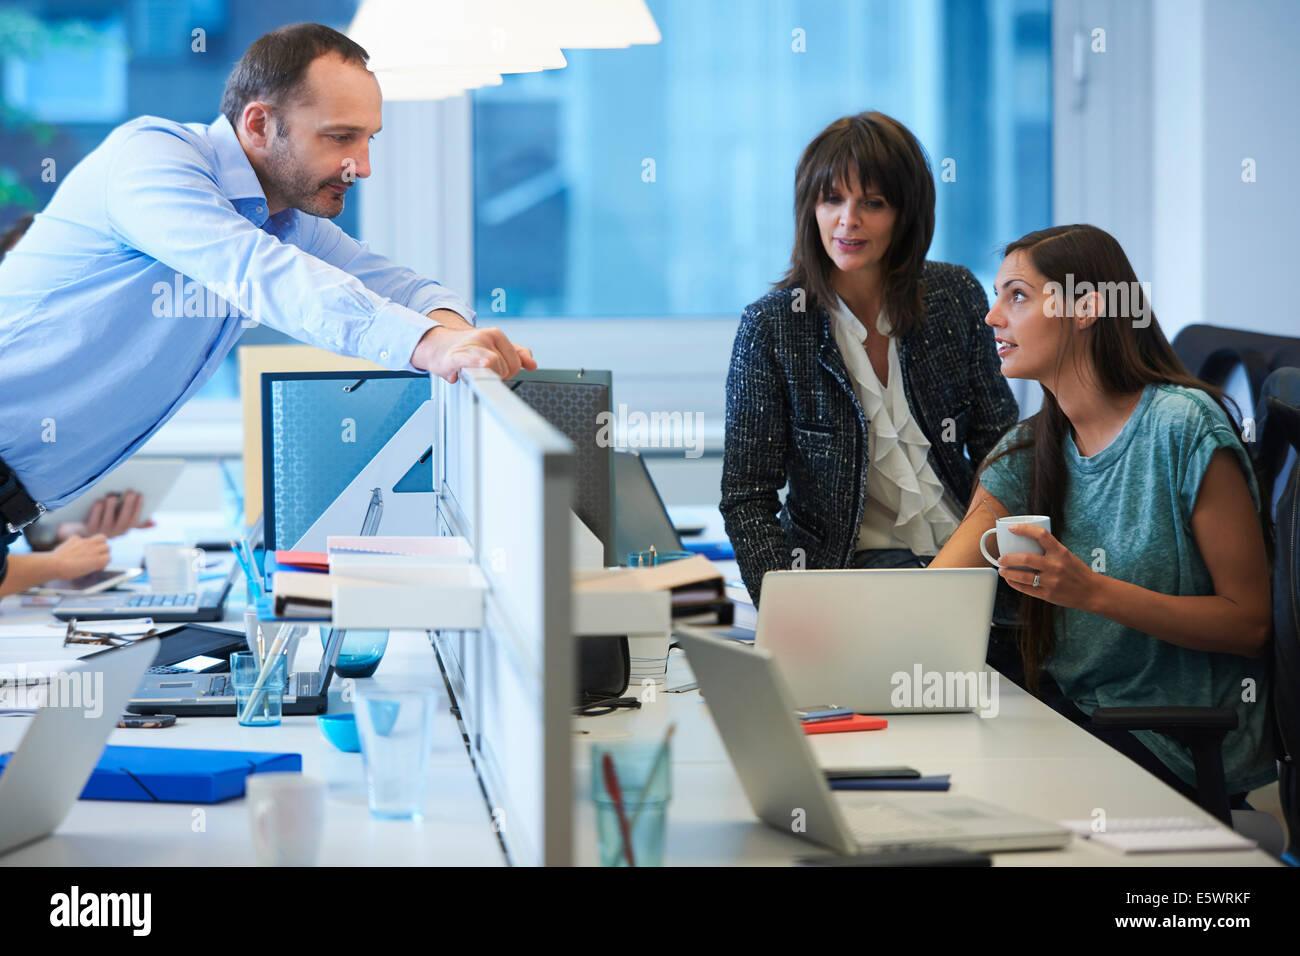 Uomo appoggiato sopra lo schermo divisorio, parlando con i colleghi Immagini Stock